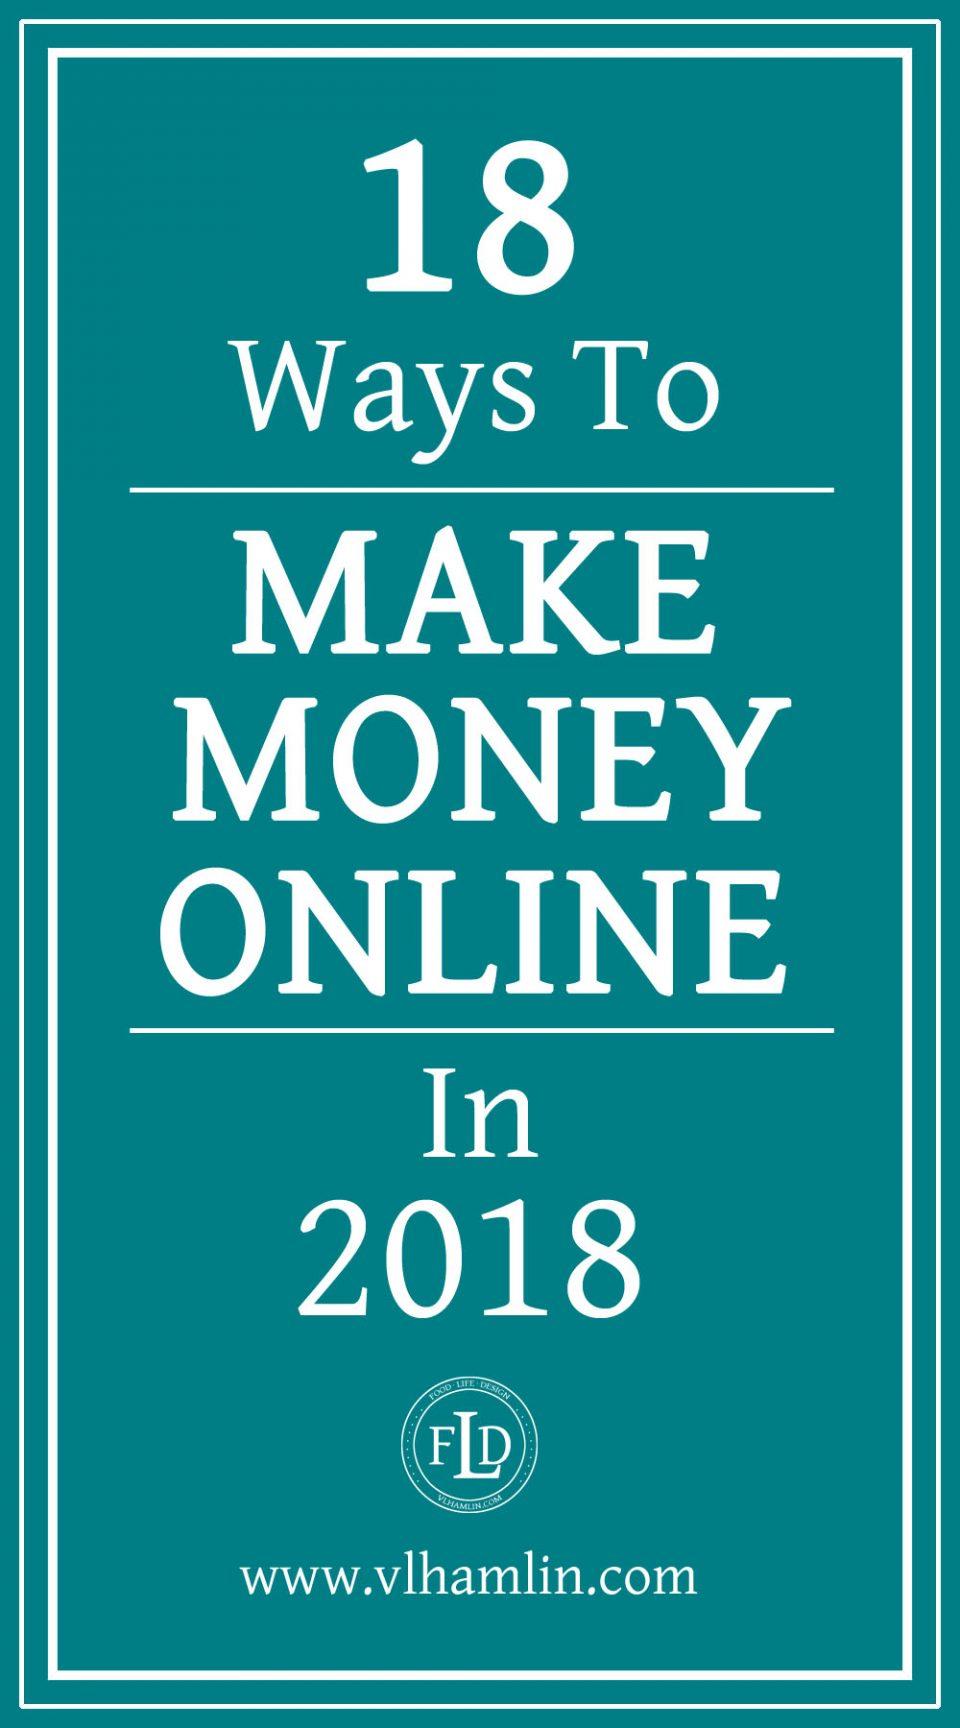 18 Ways to Make Money Online in 2018